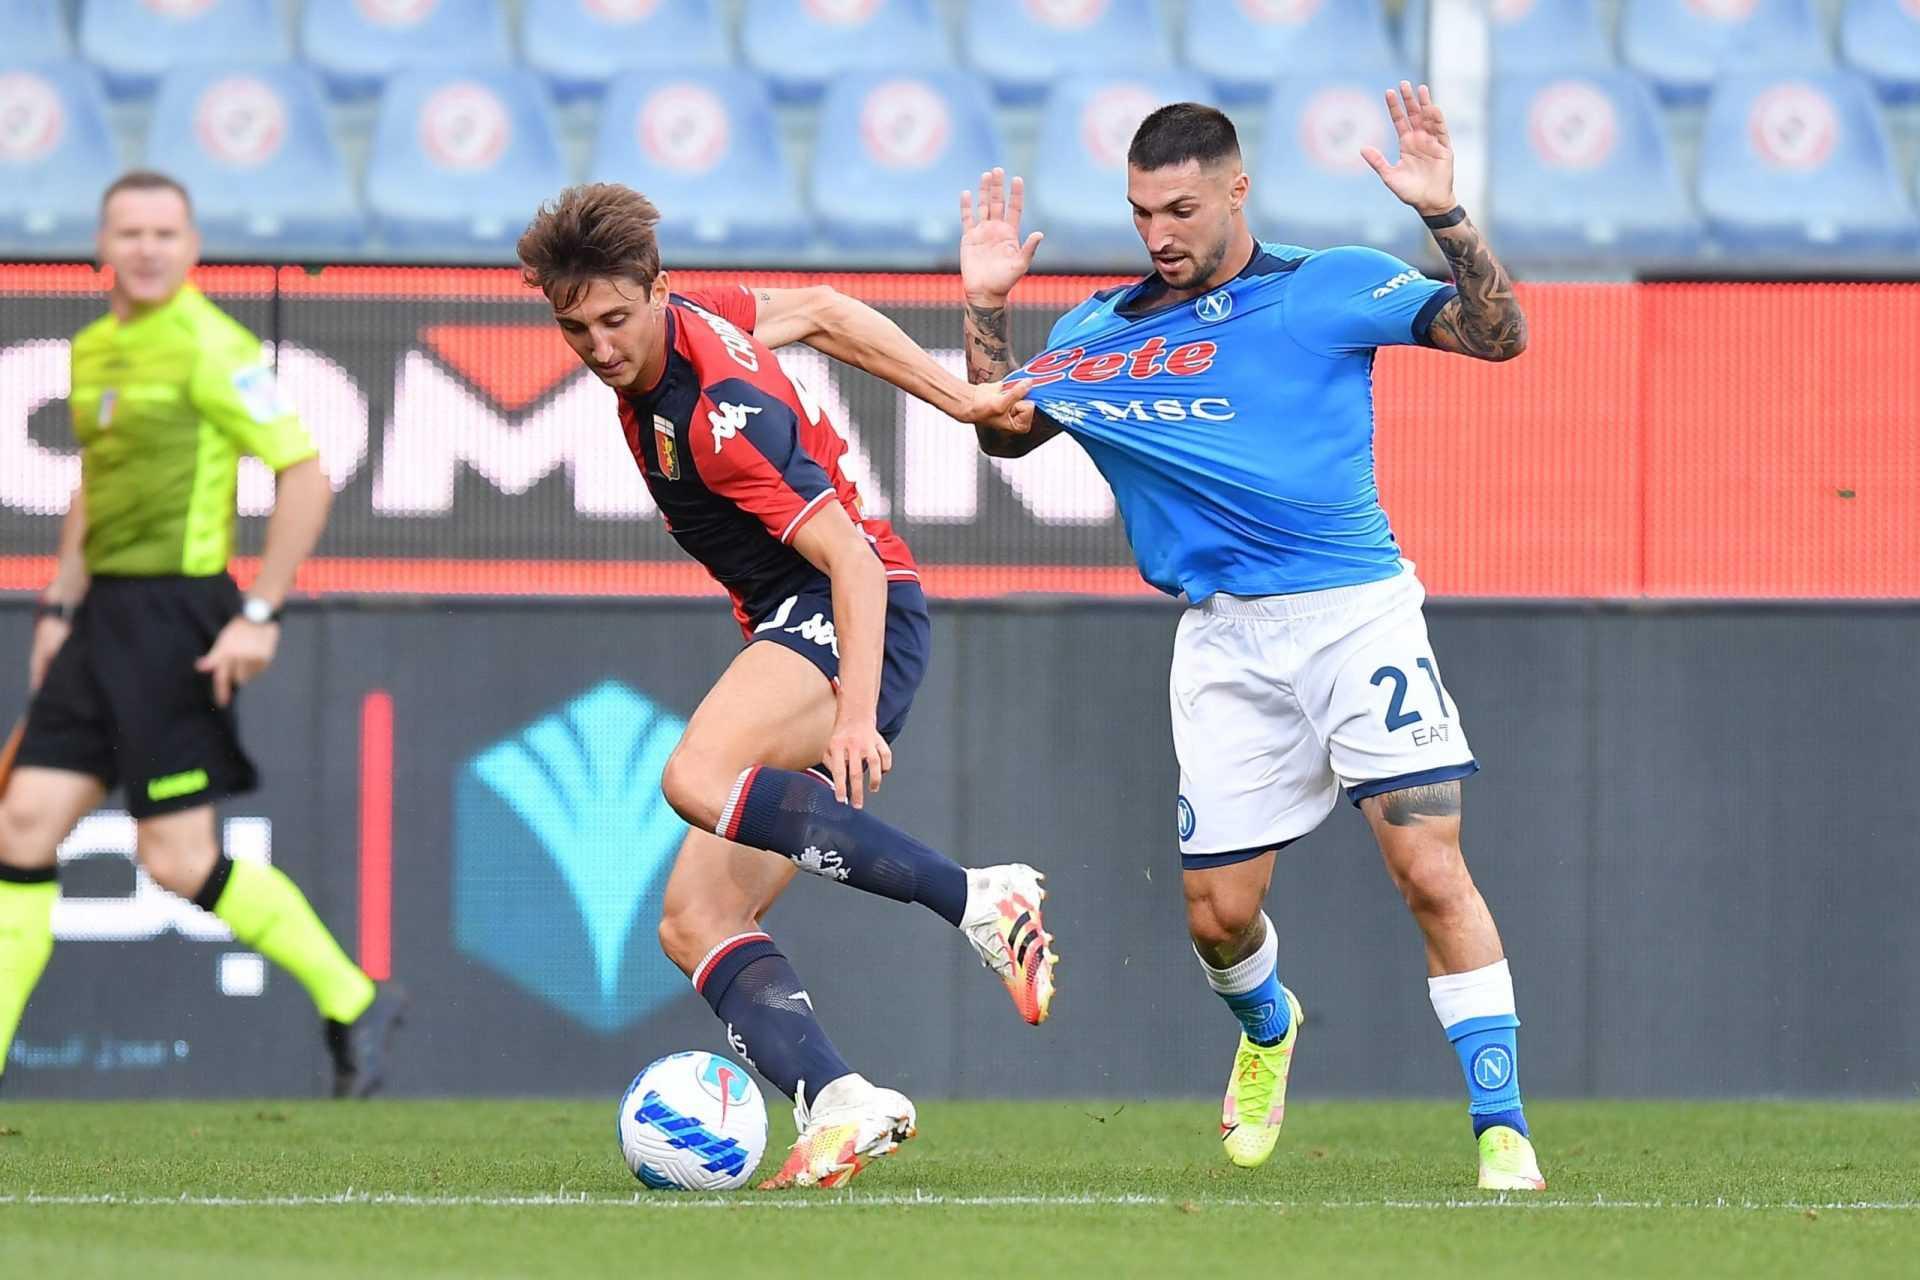 Le pagelle di Genoa-Napoli (1-2): la decide Petagna